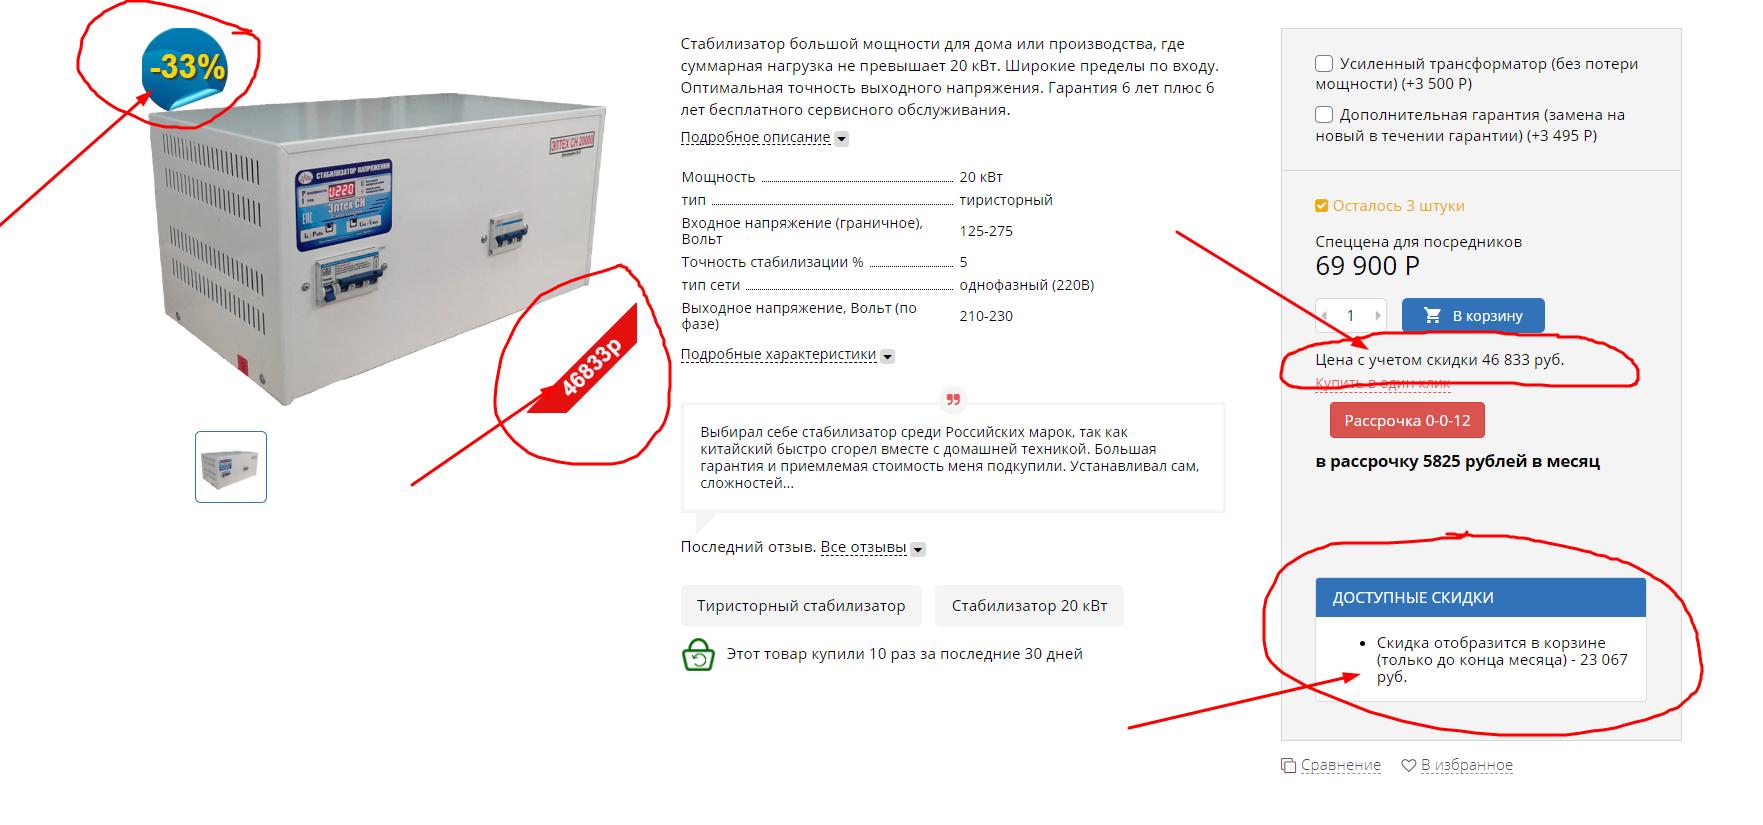 bed9d57fd474c Действующие и возможные скидки, вы можете увидеть на странице товара или в  общей категории. В категории товаров скидка чаще всего показывается на  картинке ...